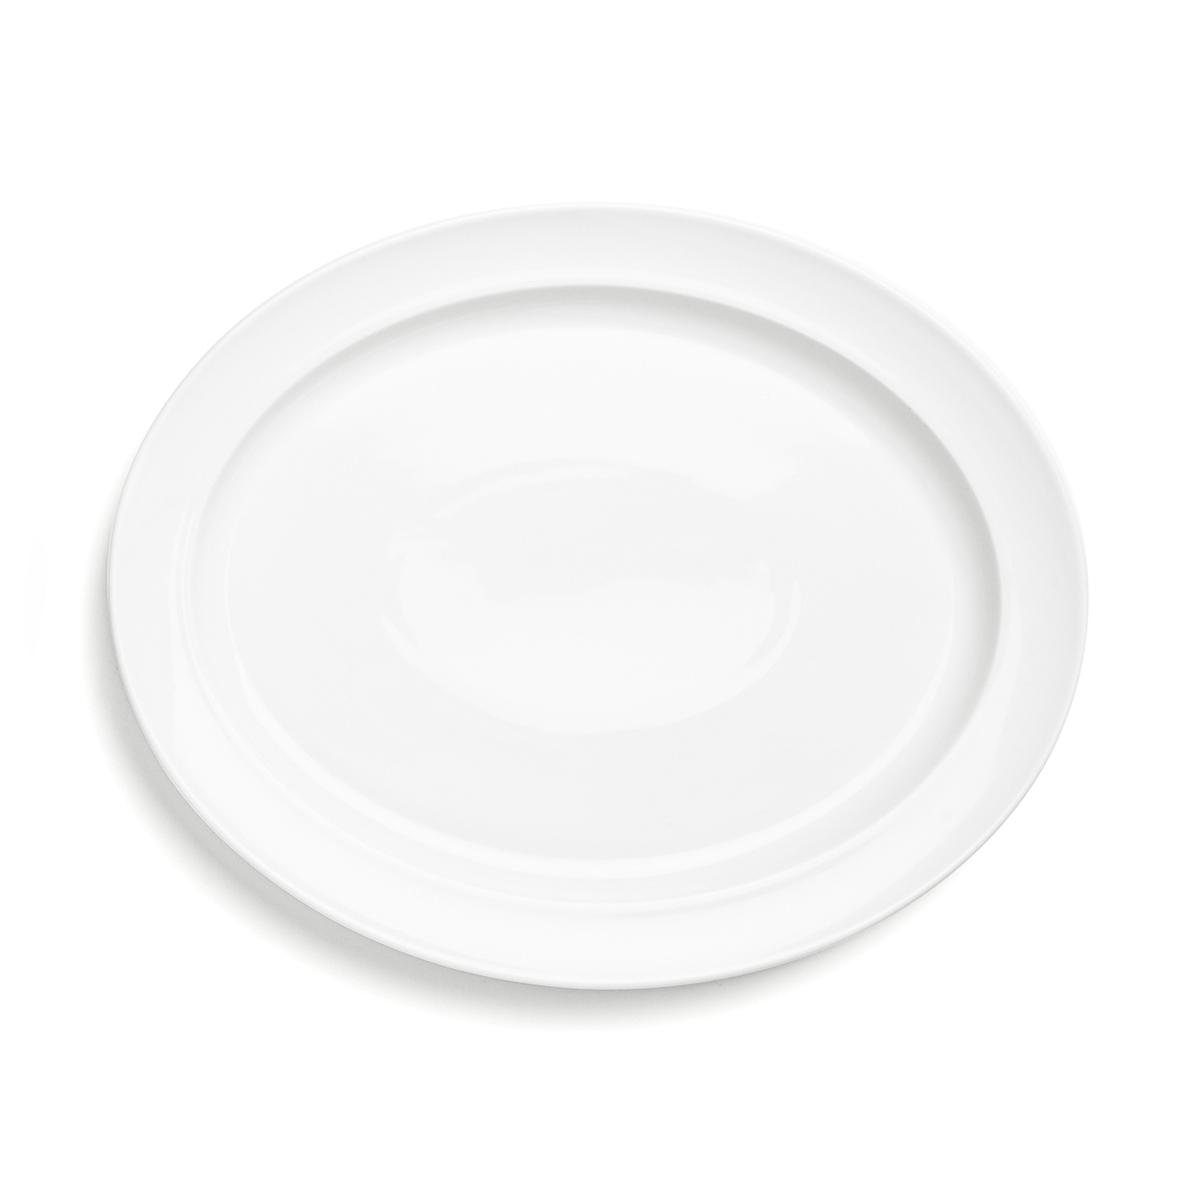 Billede af Enkel serveringsfad - Hvidpot - L 33 x B 26 cm